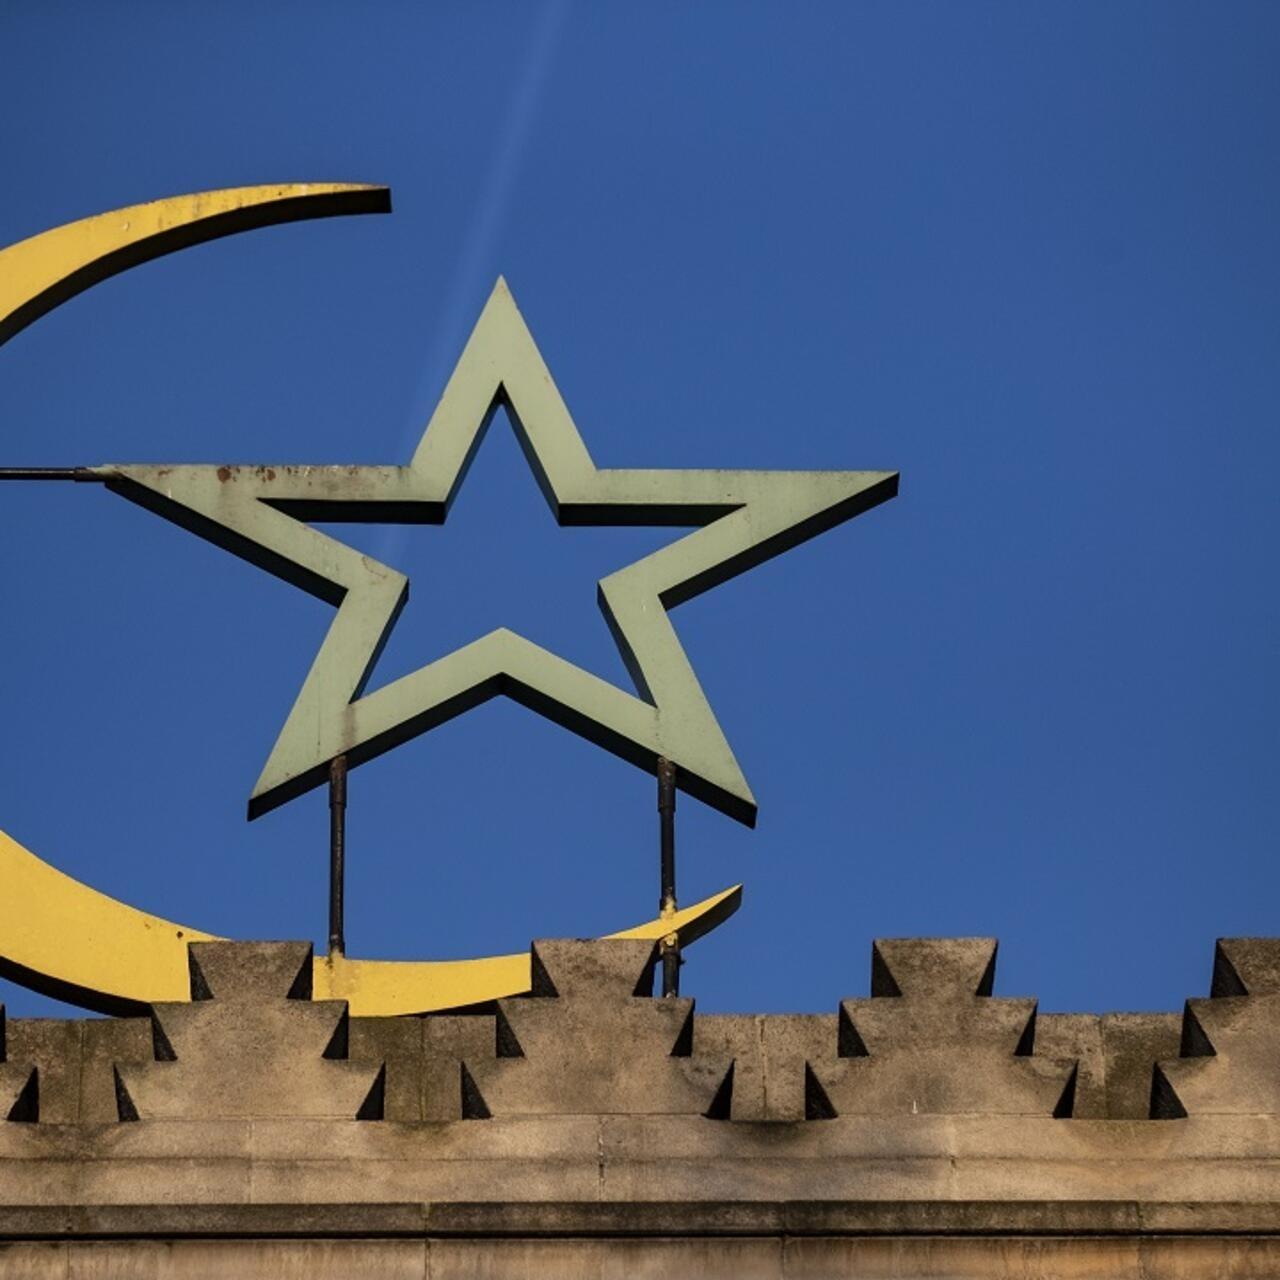 مسجد باريس يعلن أن الجمعة هو أول أيام شهر رمضان في فرنسا